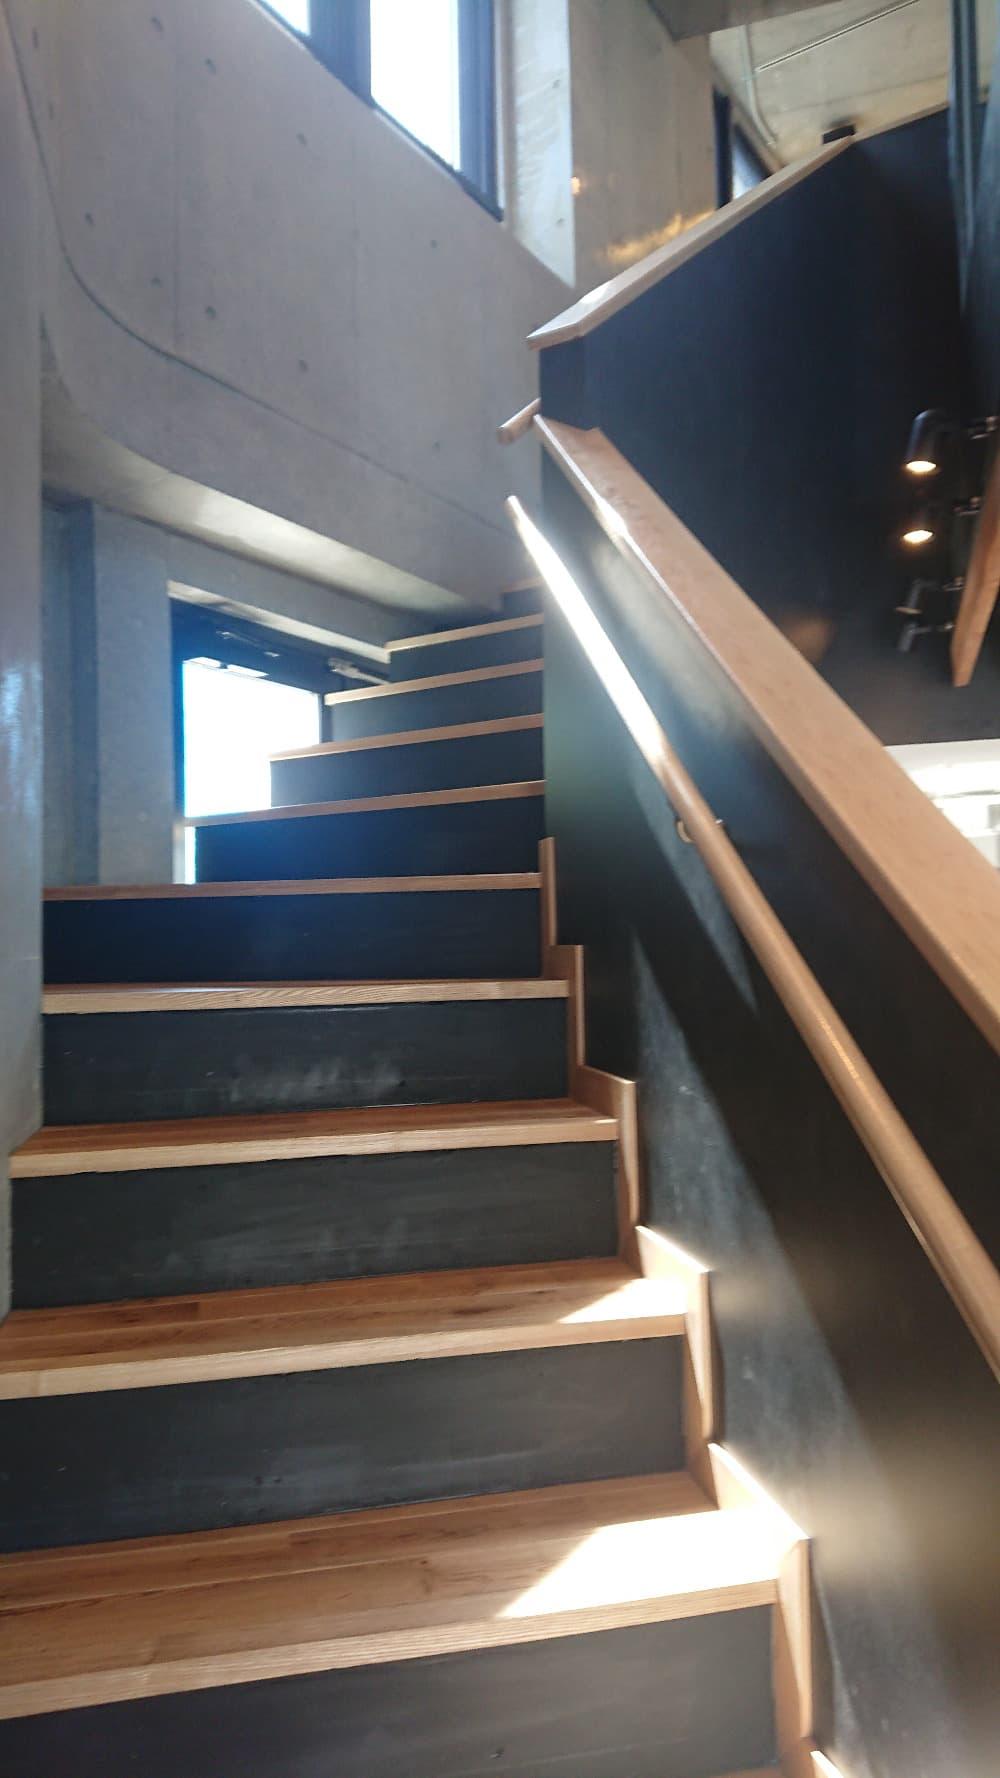 らせん階段を上っていくと・・・